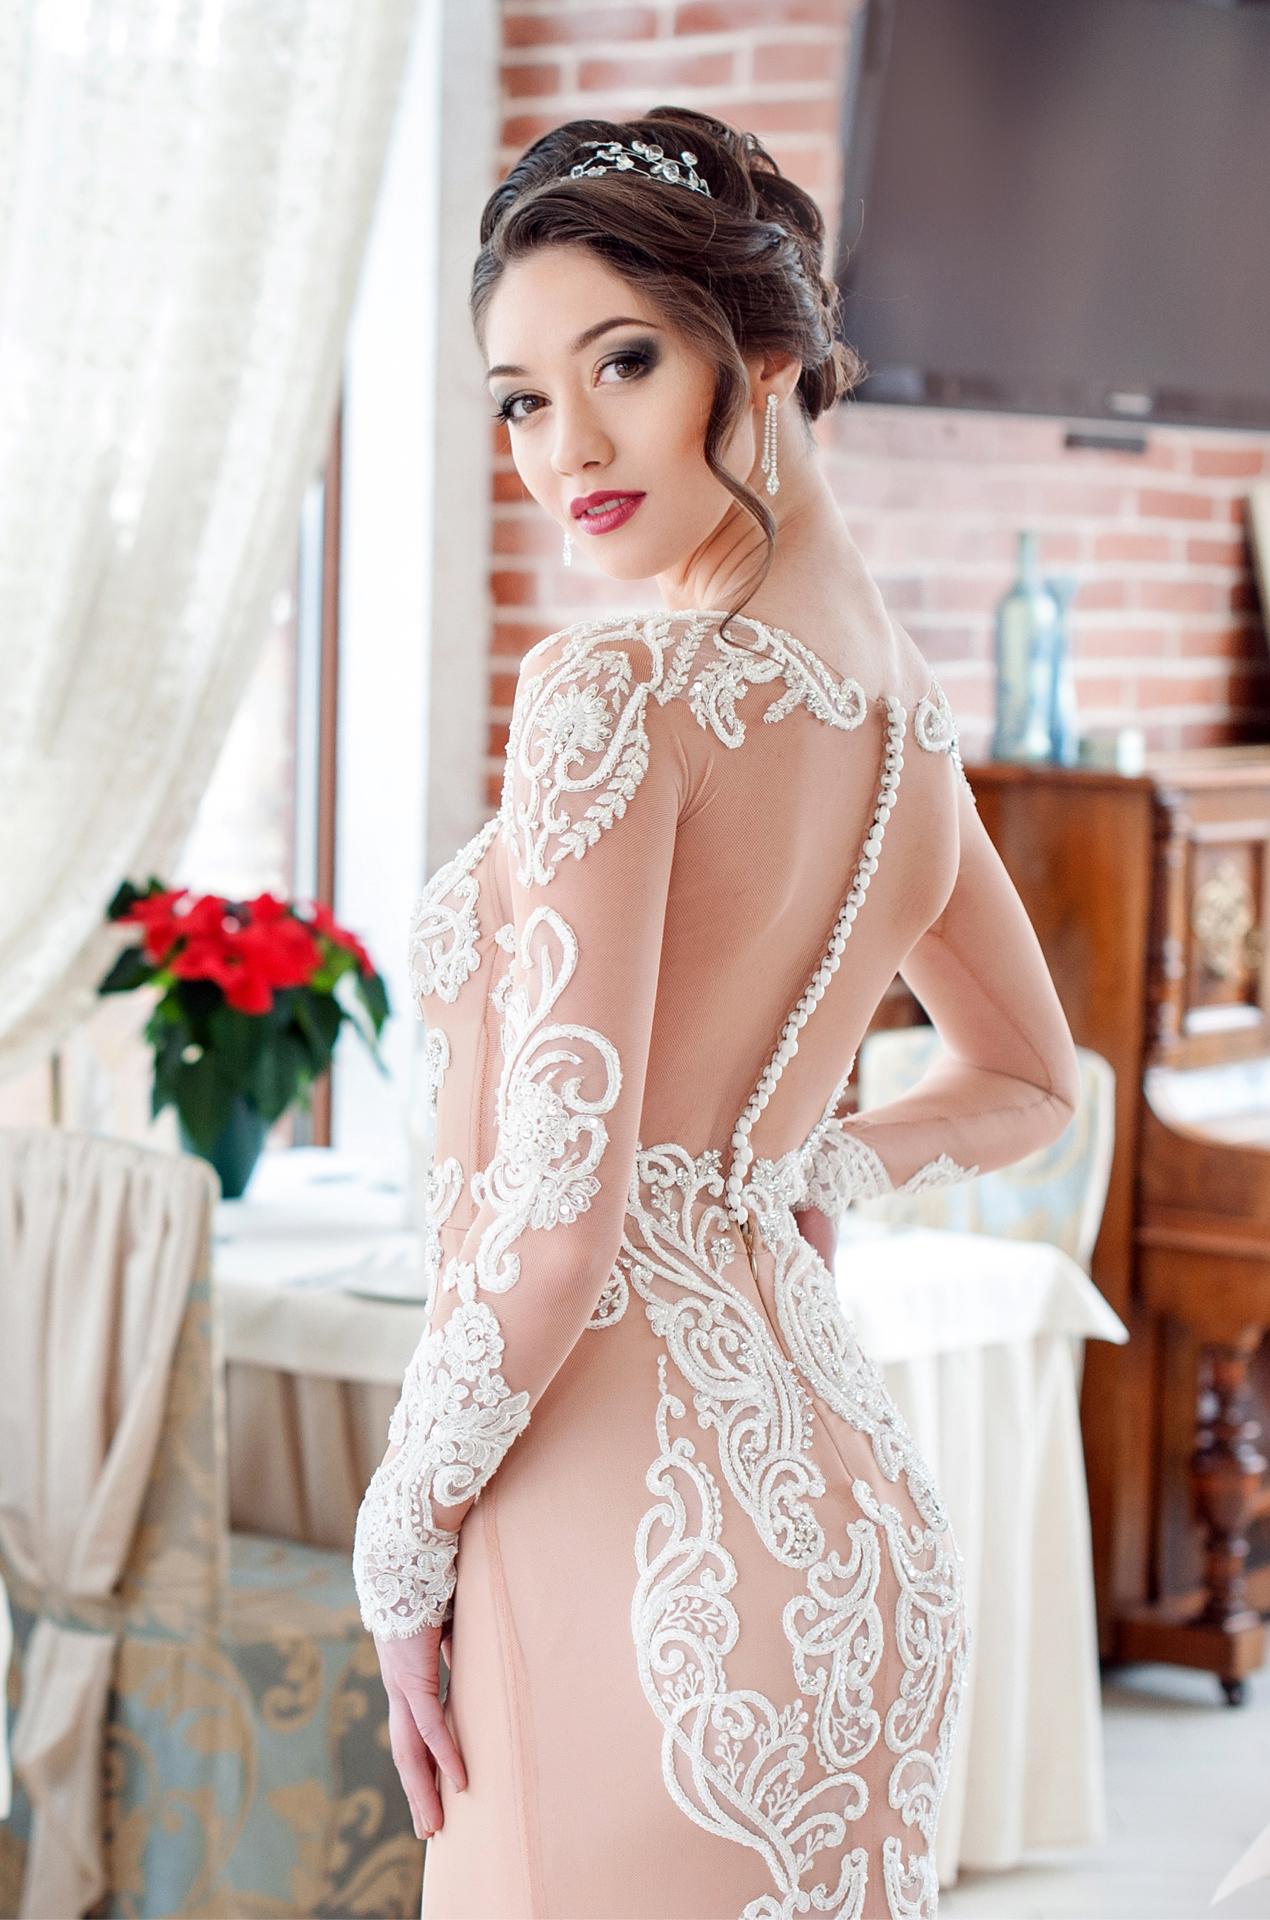 Фото таты в свадебном платье